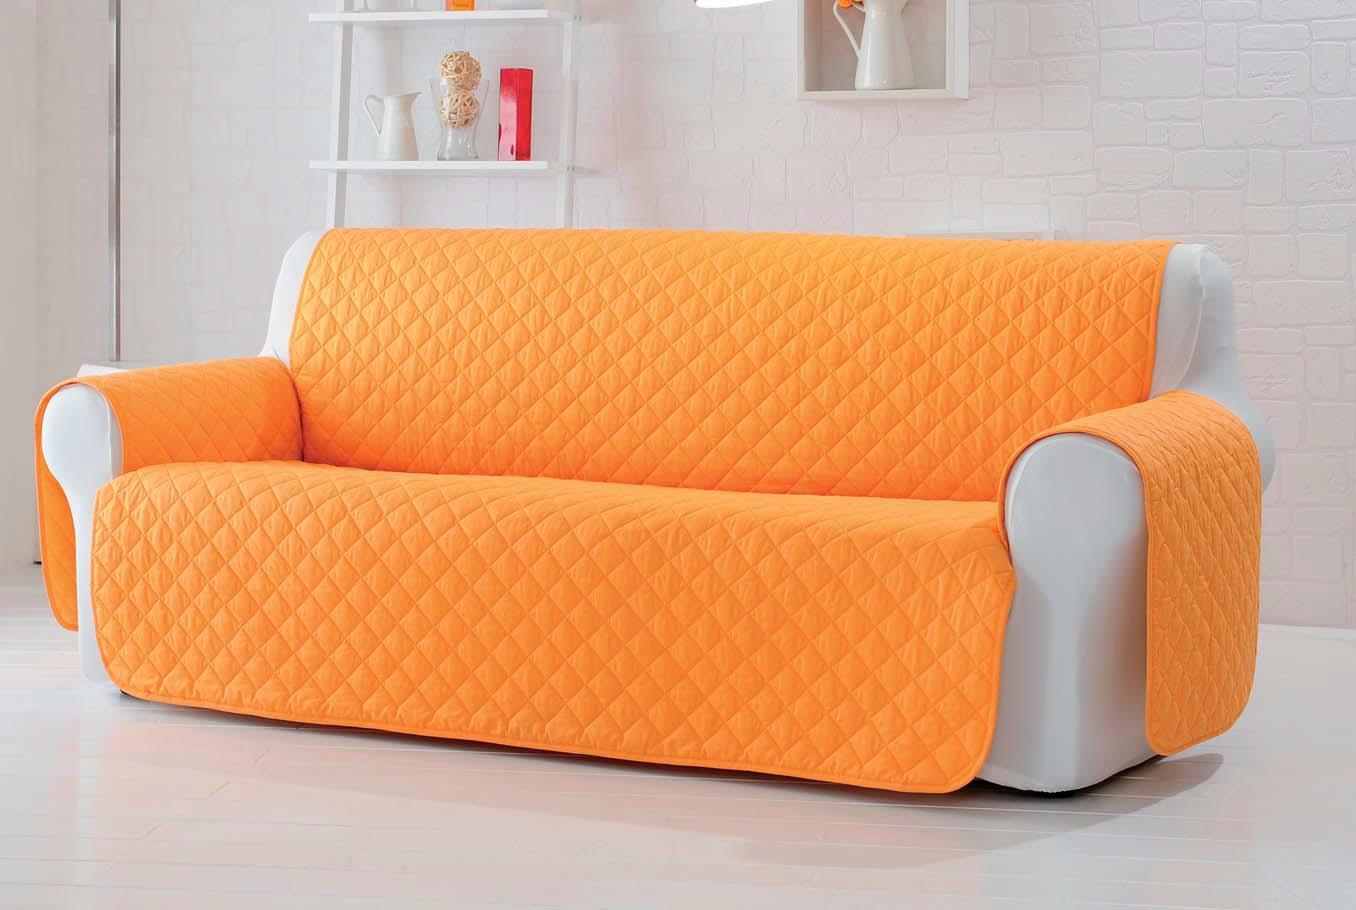 Divano 2 posti archivi g l g store ingrosso dettaglio - Copridivano per divani reclinabili ...